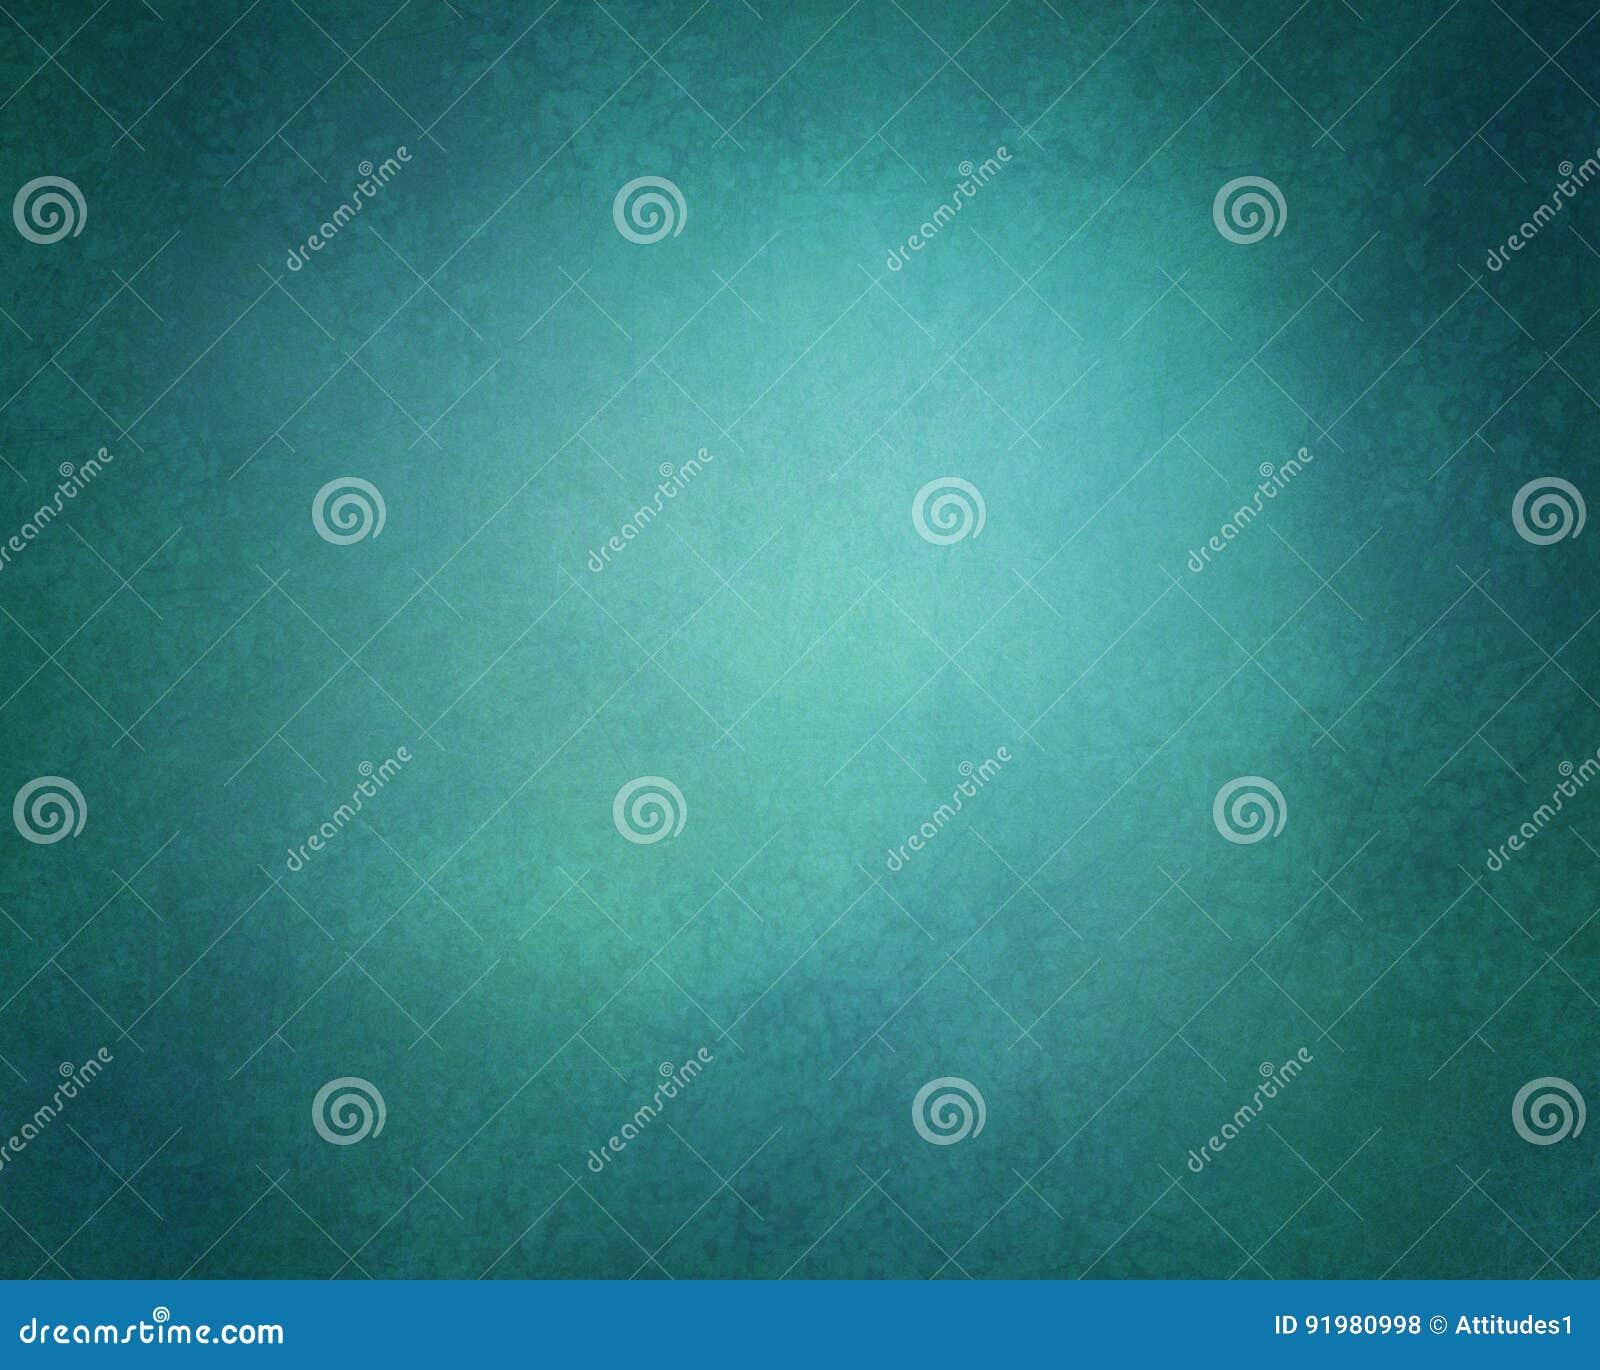 Abstrakcjonistyczny stały tło w zmroku - błękitnego i zielonego koloru odcieniach z miękkim grunge textured winiety granicę